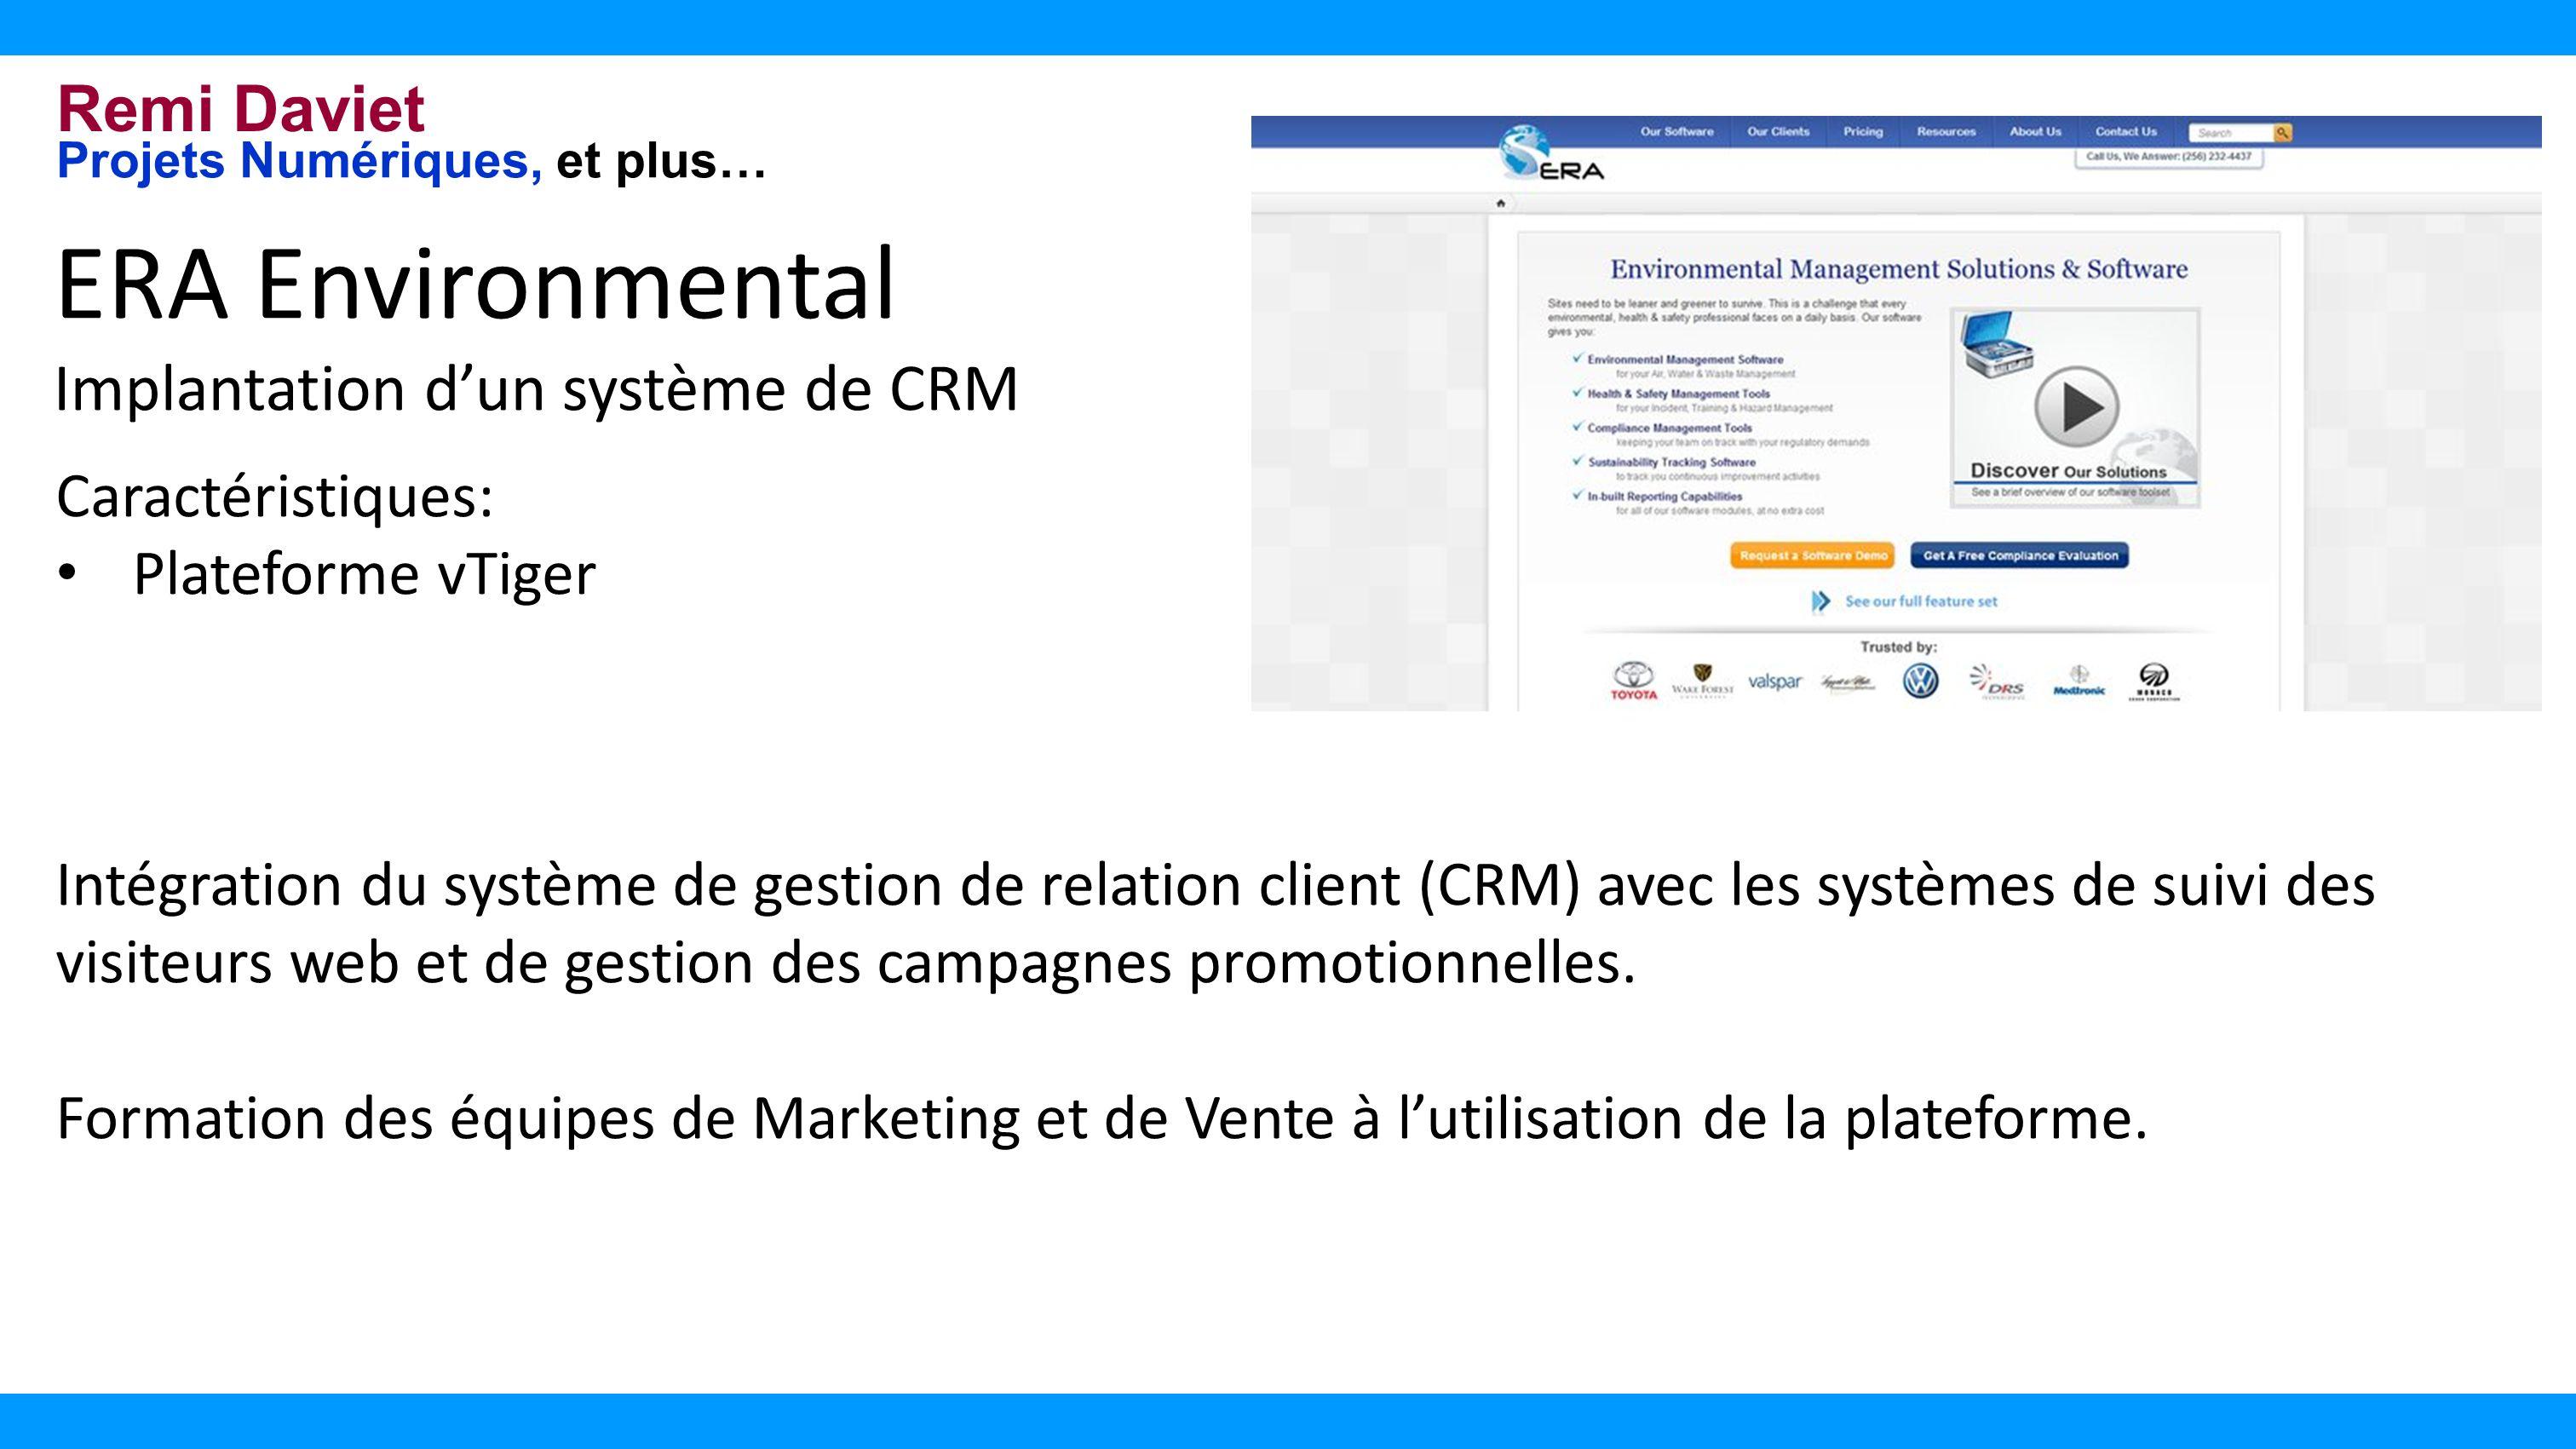 Remi Daviet Projets Numériques, et plus… ERA Environmental Implantation dun système de CRM Caractéristiques: Plateforme vTiger Intégration du système de gestion de relation client (CRM) avec les systèmes de suivi des visiteurs web et de gestion des campagnes promotionnelles.